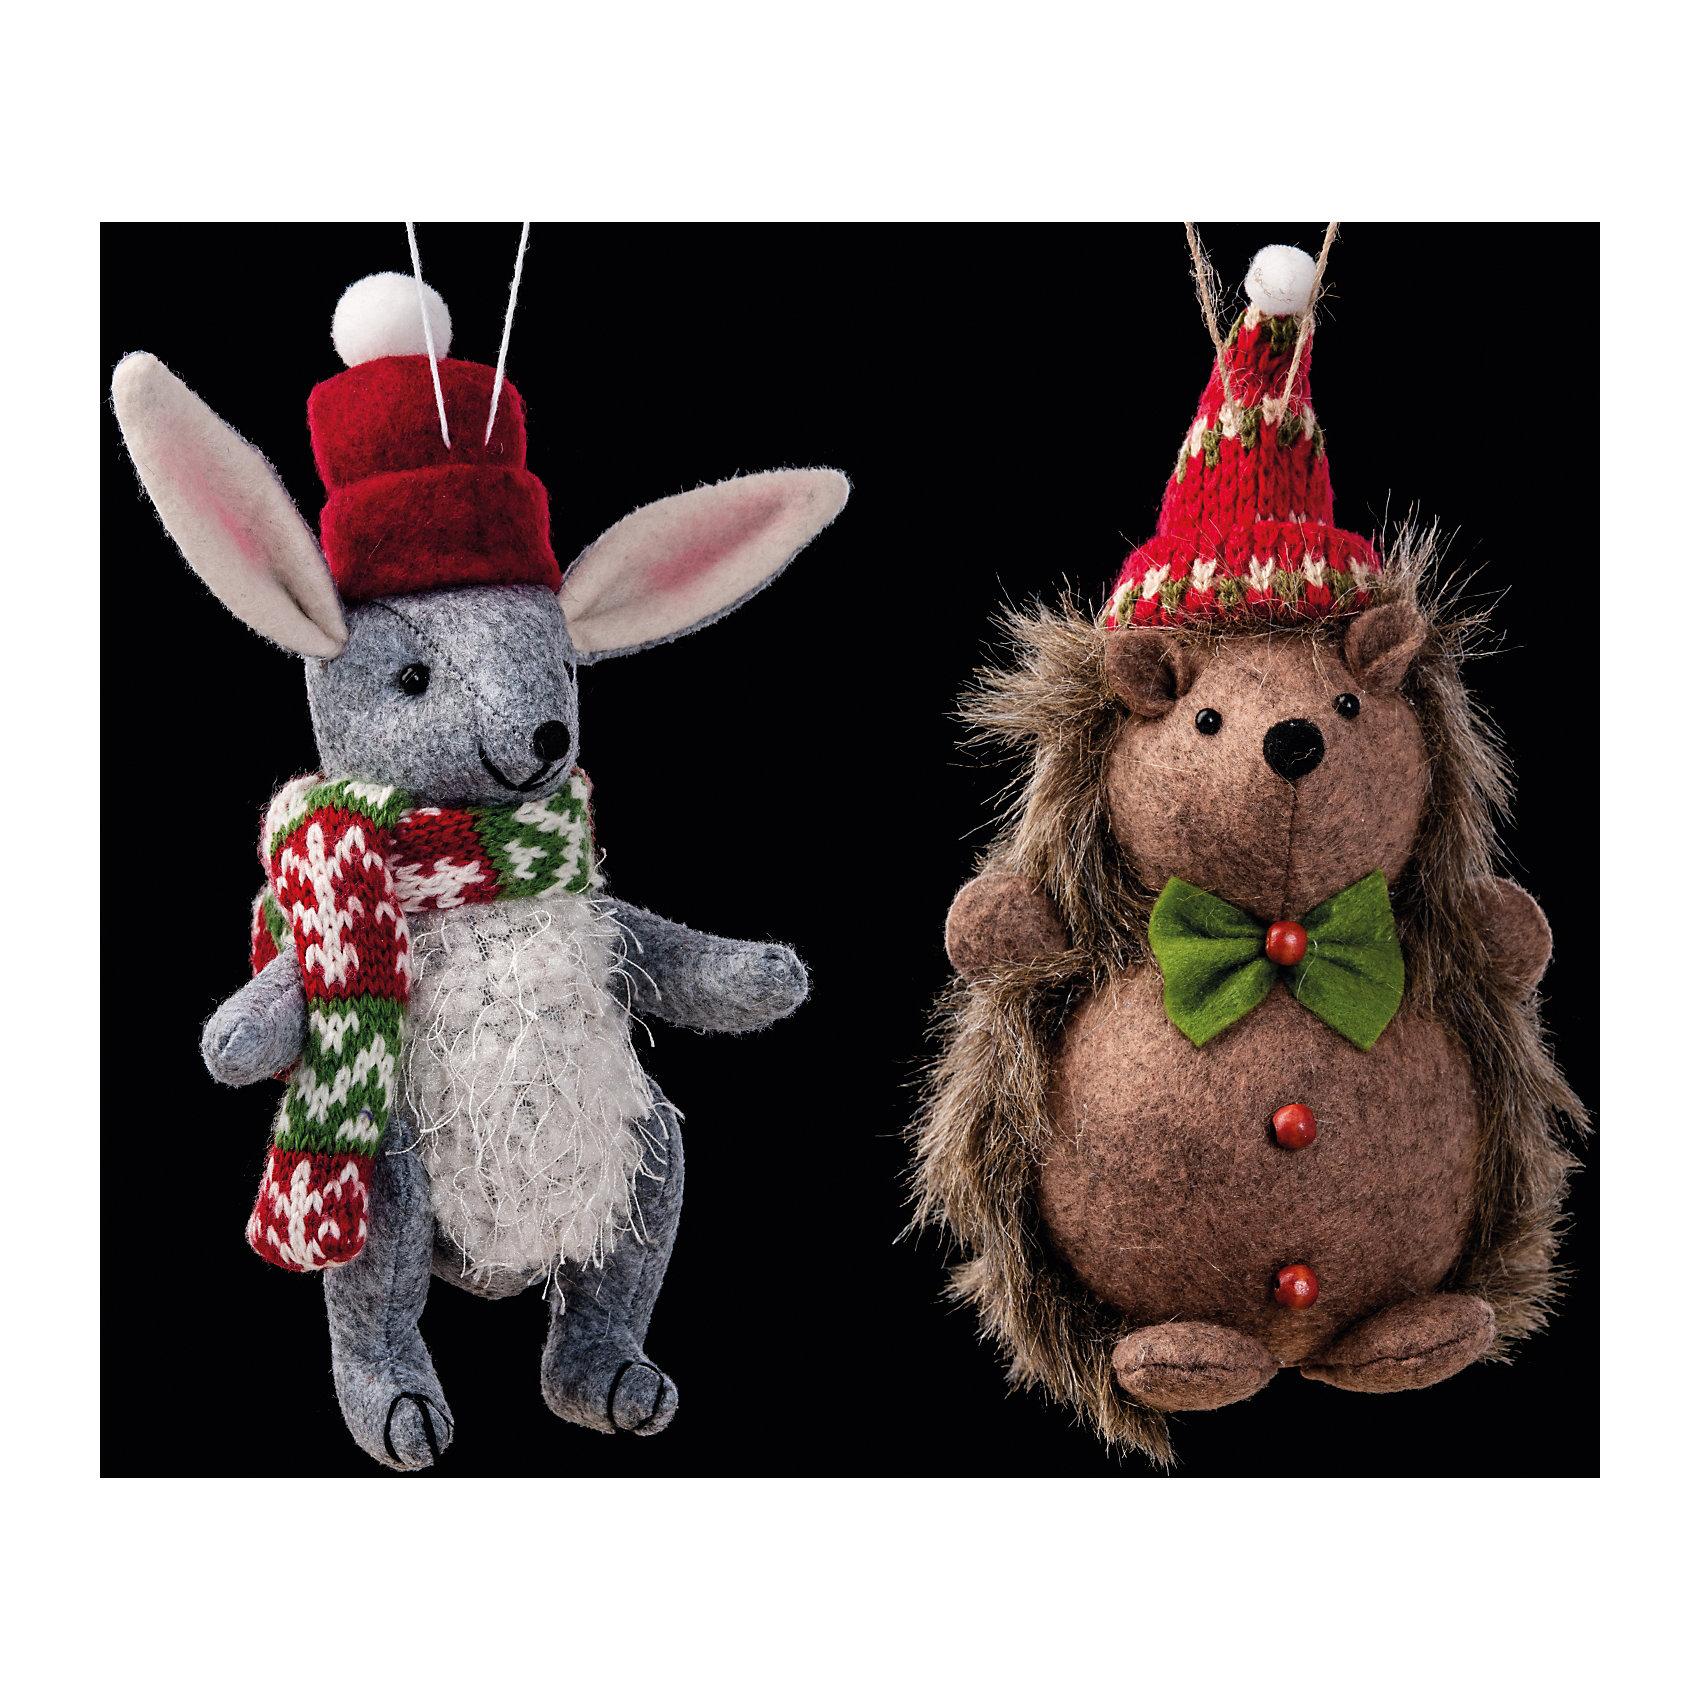 Украшение Праздник в лесу в ассортиментеУкрашение Праздник в лесу в ассортименте замечательно подходит для украшения любого интерьера в преддверии Нового Года и Рождества! Игрушка выполнена из текстиля в двух вариантах: серый зайчик в шарфике или ежик с бабочкой. Обе зверушки выглядят мило и только представьте, как здорово эта игрушка будет смотреться сквозь пушистые ветки новогодней елочки!<br><br>Дополнительная информация:<br>-Материалы: текстиль<br>-Размер в упаковке: 10х7,5х19 см<br>-Вес в упаковке: 53 г<br>-Размер: 19 см<br>-В ассортименте: ежик или зайчик (Внимание! Заранее выбрать невозможно, при заказе нескольких возможно получение одинаковых)<br><br>Украшение Праздник в лесу в ассортименте можно купить в нашем магазине.<br><br>Ширина мм: 100<br>Глубина мм: 75<br>Высота мм: 190<br>Вес г: 53<br>Возраст от месяцев: 84<br>Возраст до месяцев: 2147483647<br>Пол: Унисекс<br>Возраст: Детский<br>SKU: 4286689